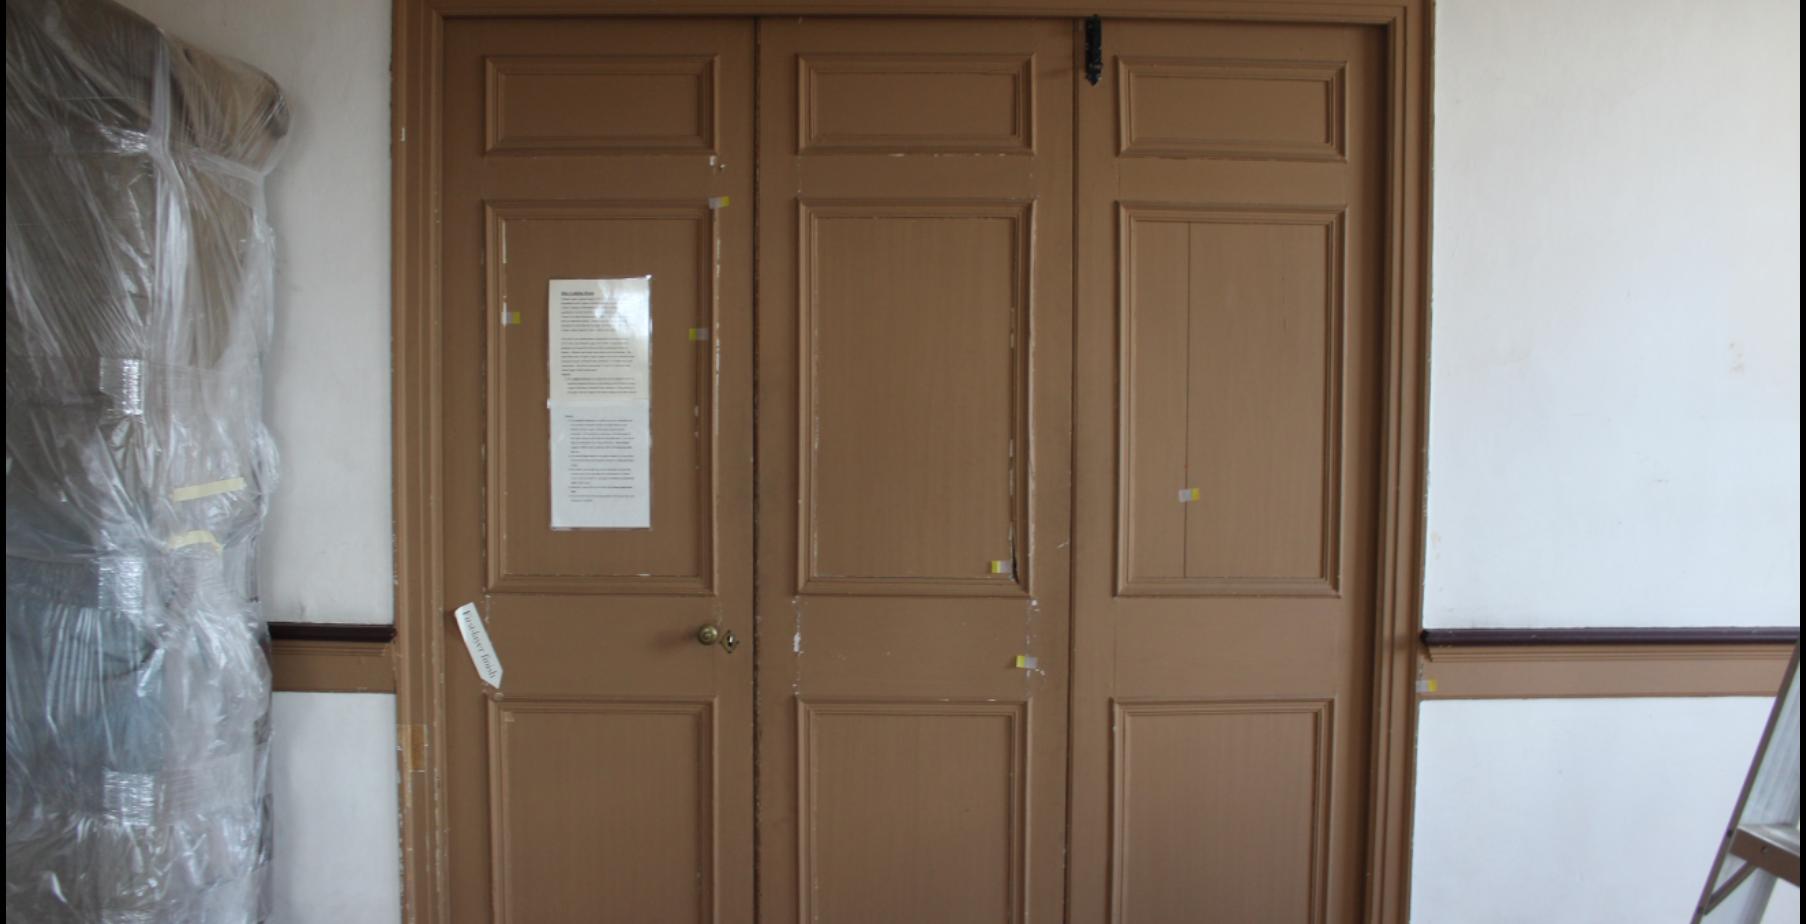 The Tri-partite Door prior to Treatment